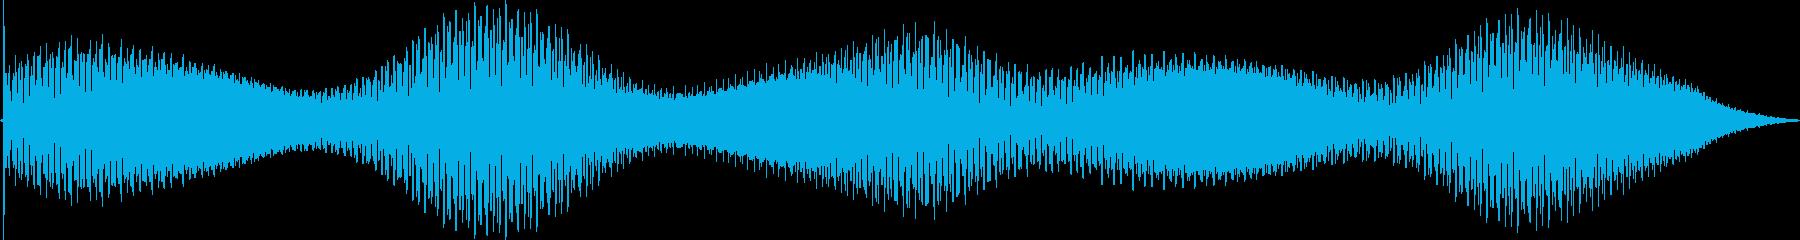 ディープトーンフェージング無線干渉静的の再生済みの波形